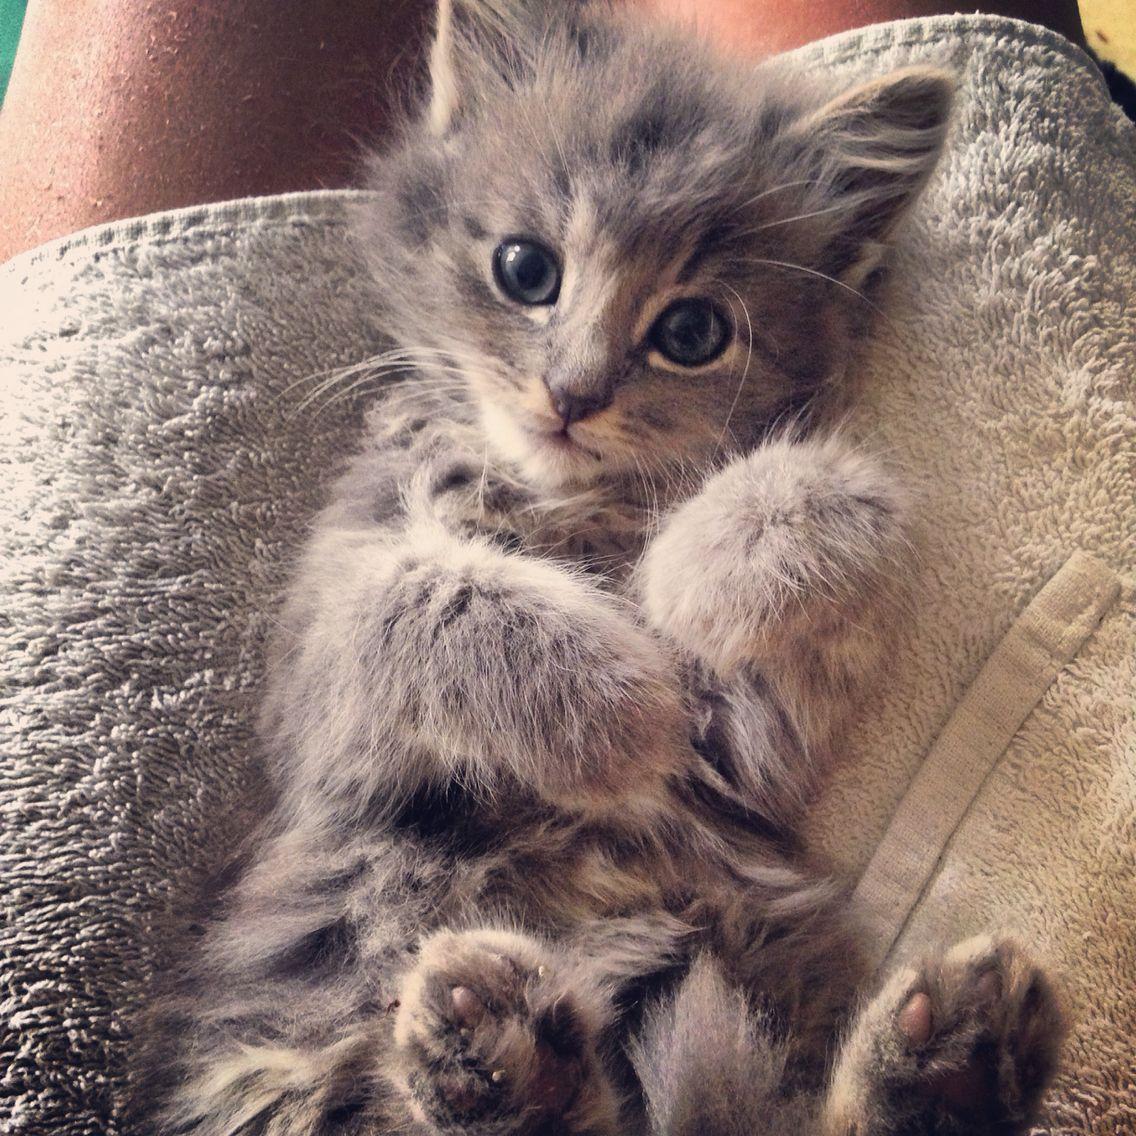 Bali mon chaton chat gris a poil angora pets pinterest - Chat qui perd pas ses poils ...